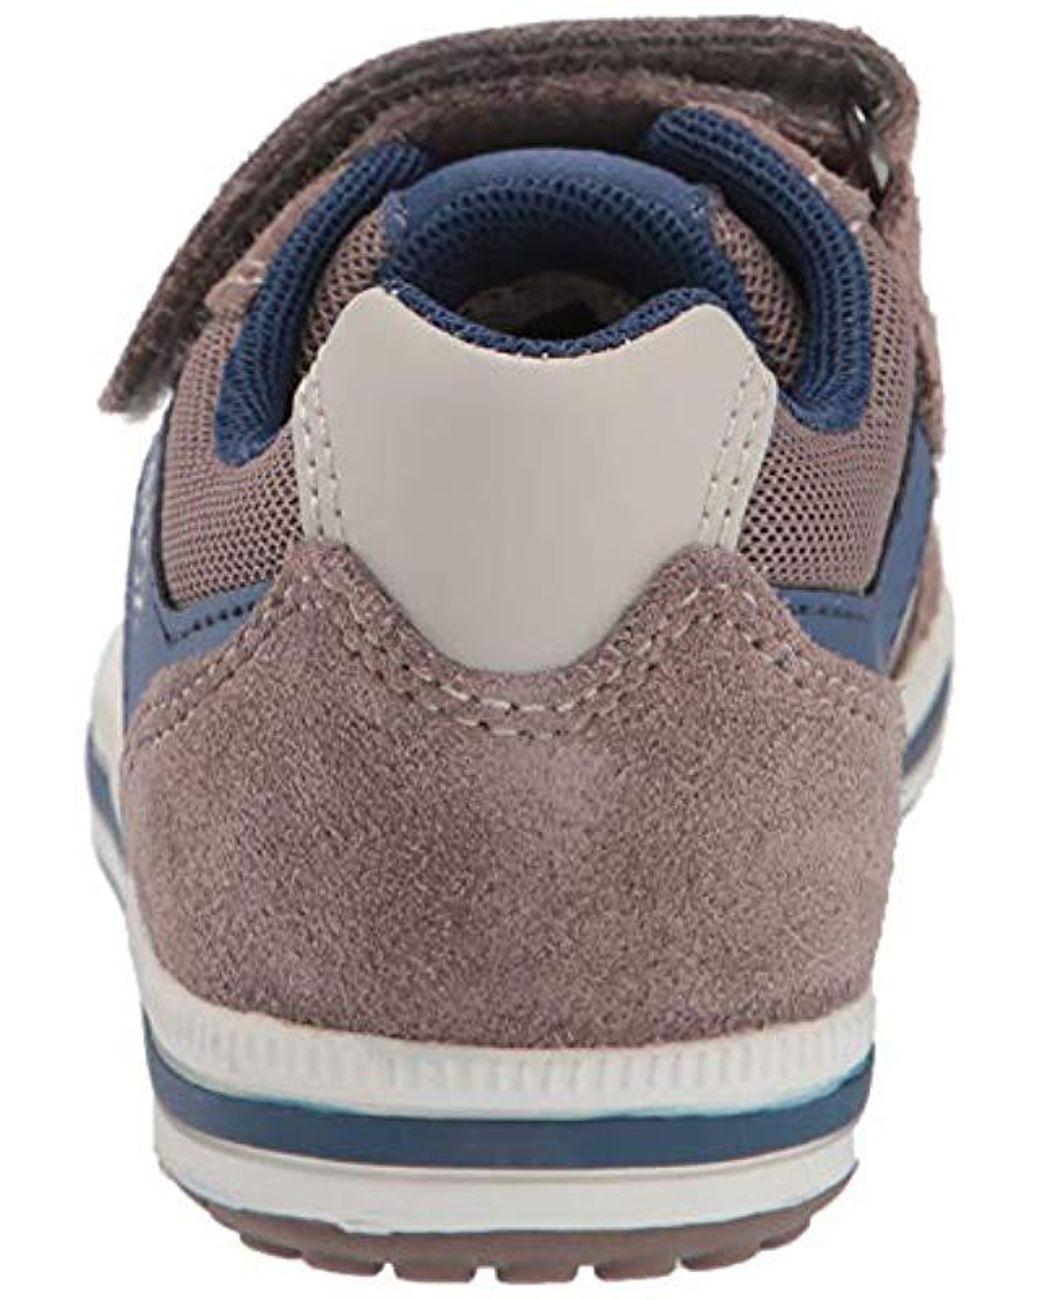 Jr Vita Low Handtaschen Sneaker Jungen B Top Geox Schuheamp; wP8n0kXO